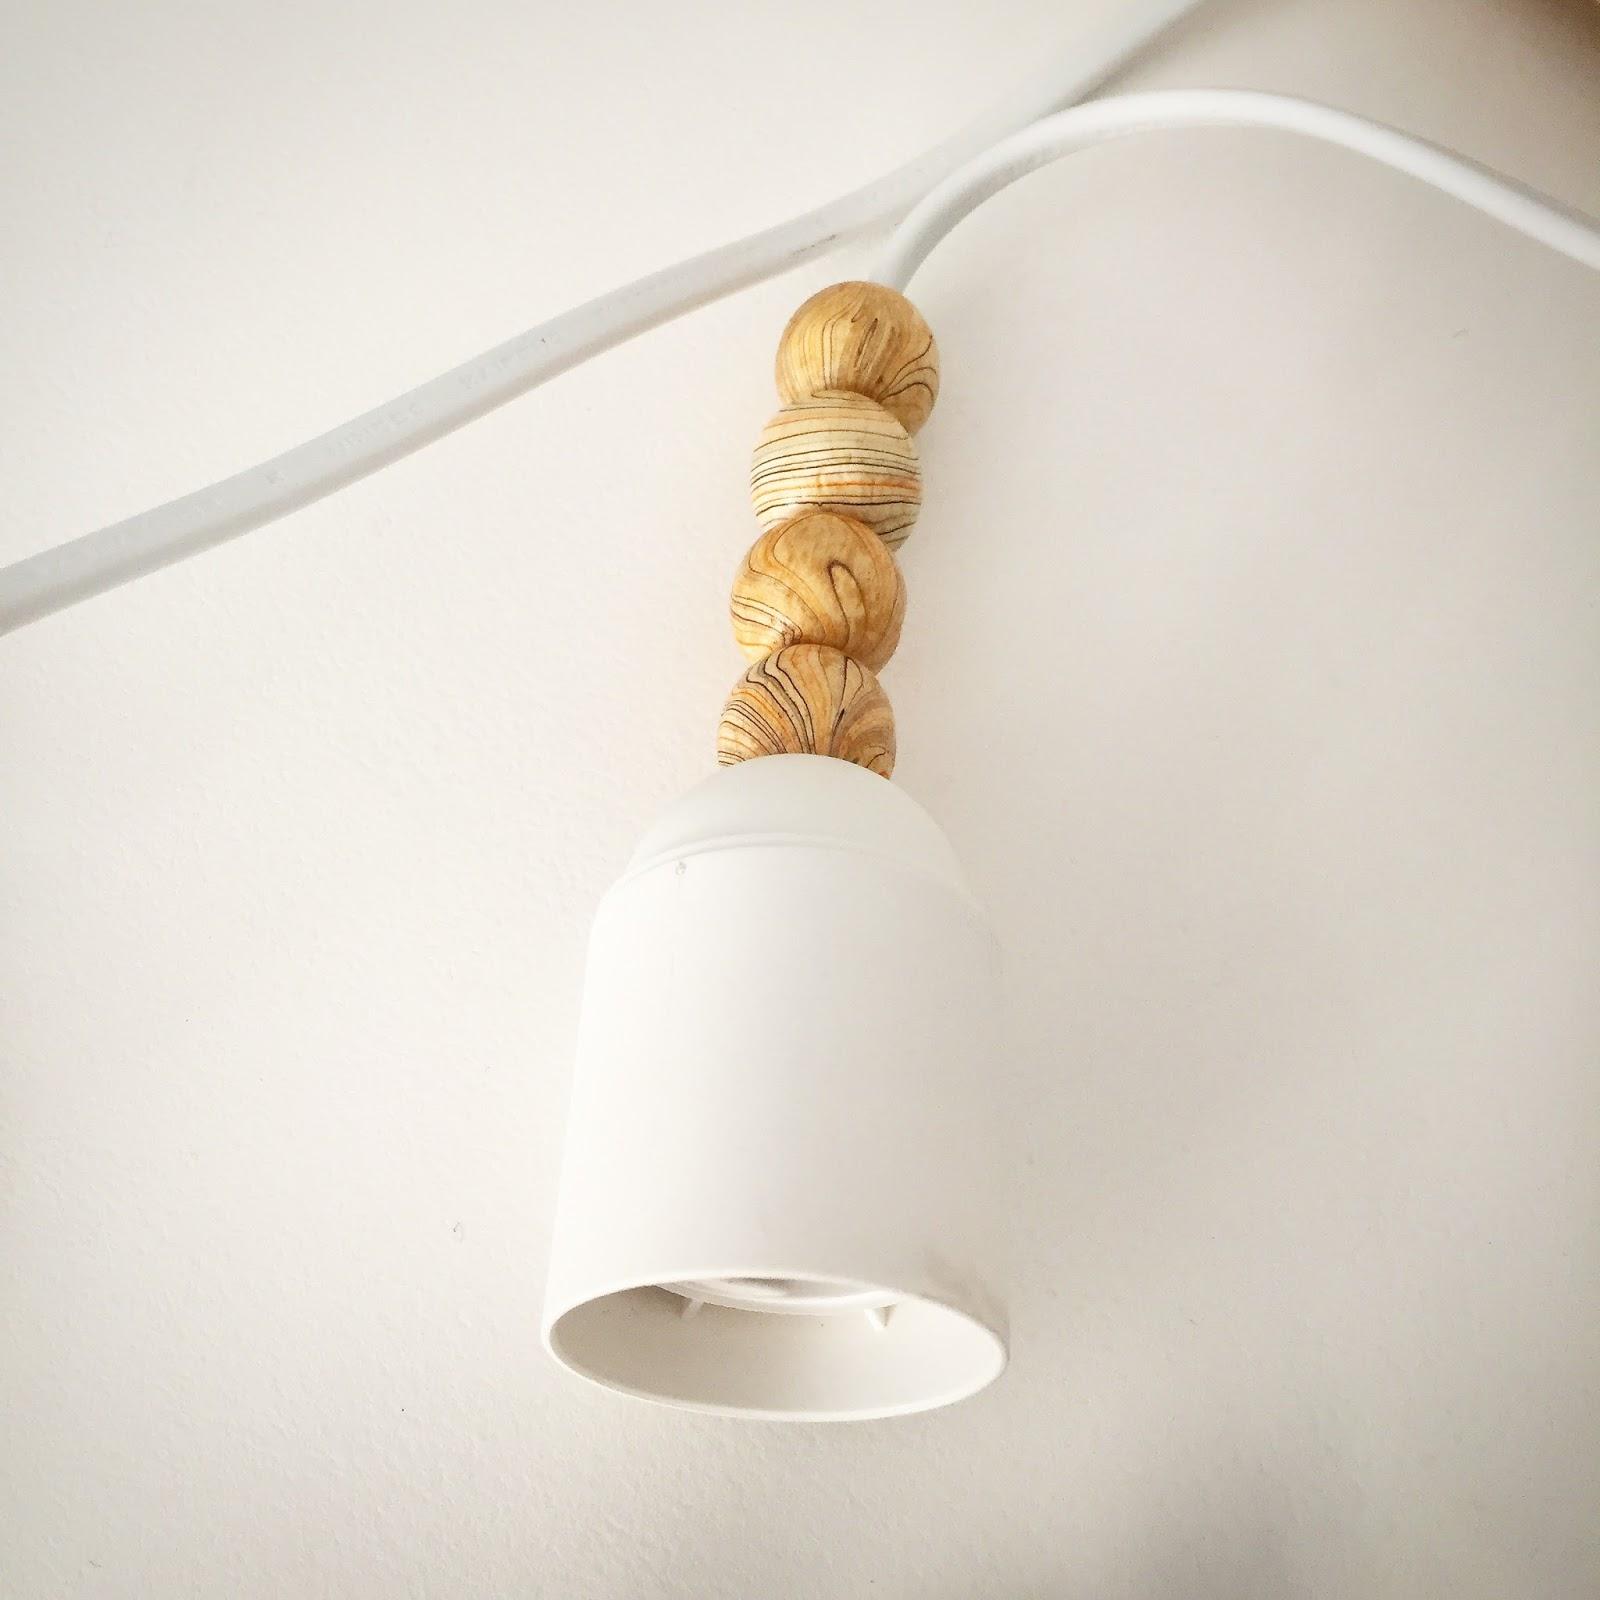 aplique luz de DIY con Elemorlovedecor escuadra wOPX80Nnk